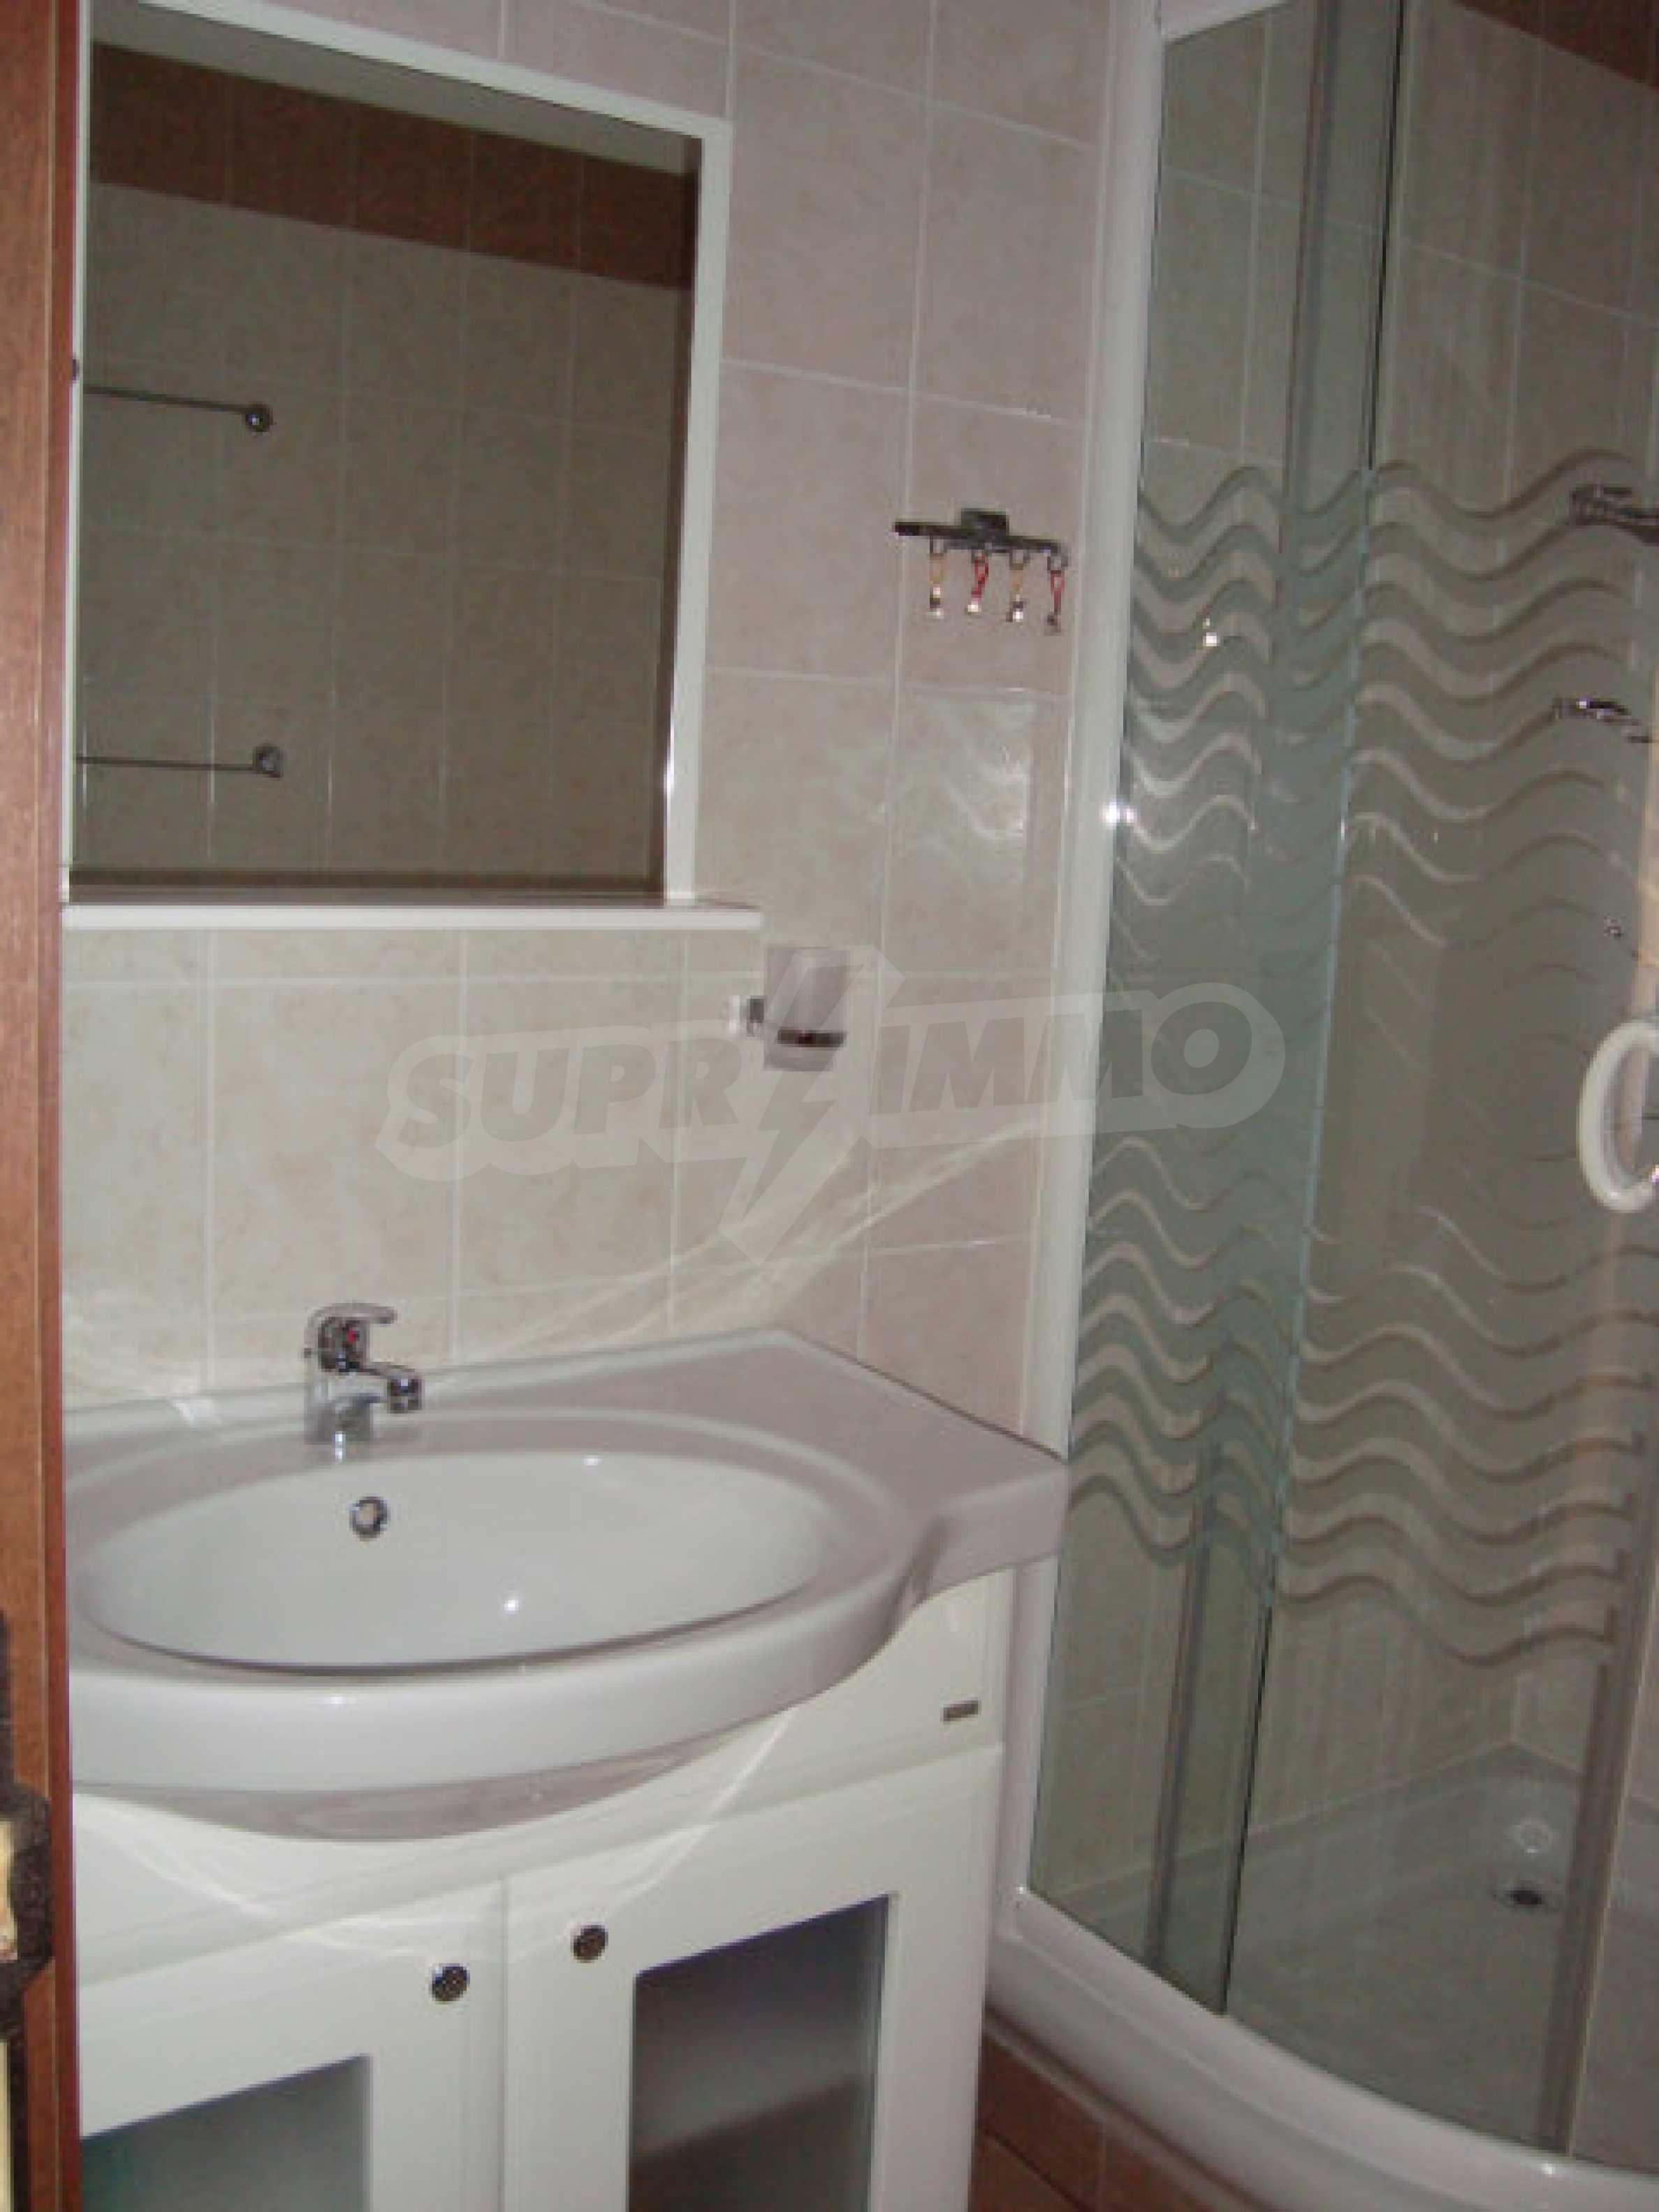 Luxus-Apartment mit zwei Schlafzimmern in einem ausgezeichneten Komplex in Chernomorets 16